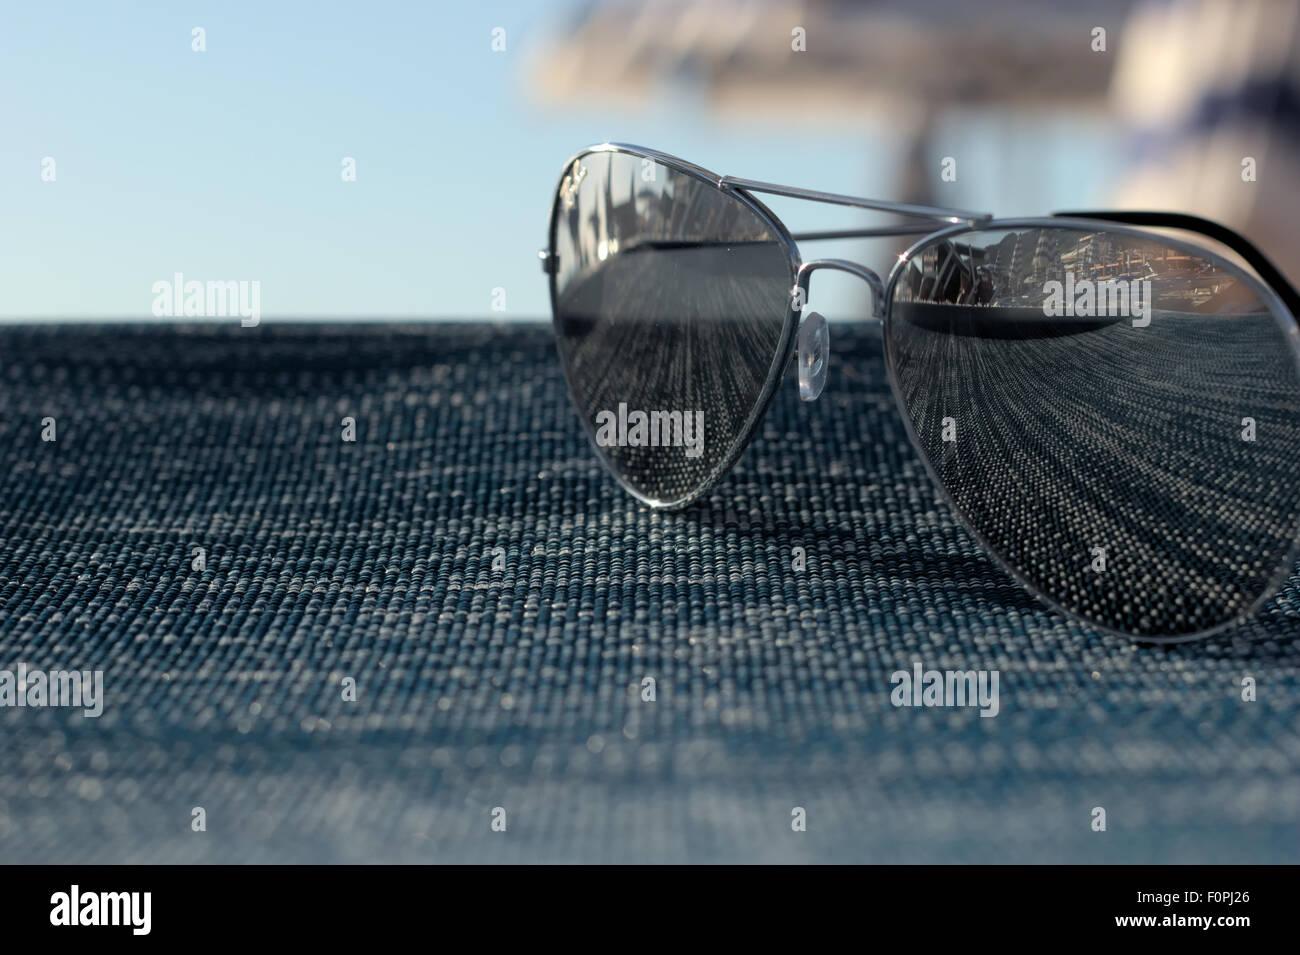 Closeup of a sunglass - Stock Image